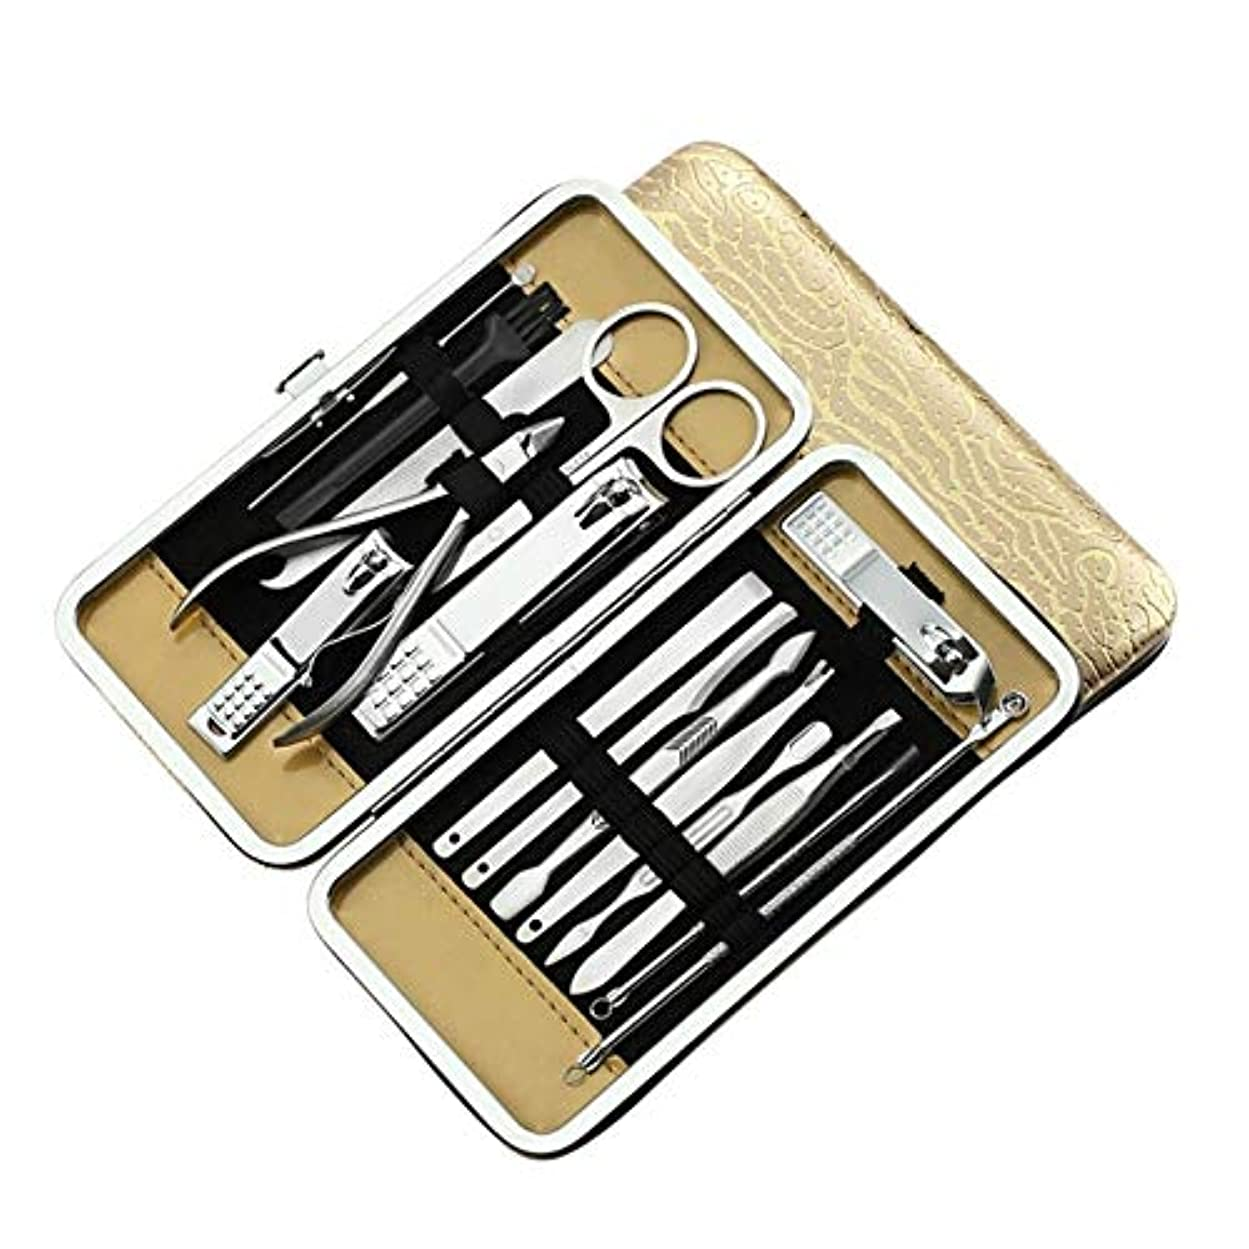 有効化大きさ量ZGSH 家庭用爪切りペディキュアセット16個、マニキュア美容ツール、ステンレス鋼、シャープで耐久性 (Color : Silver)